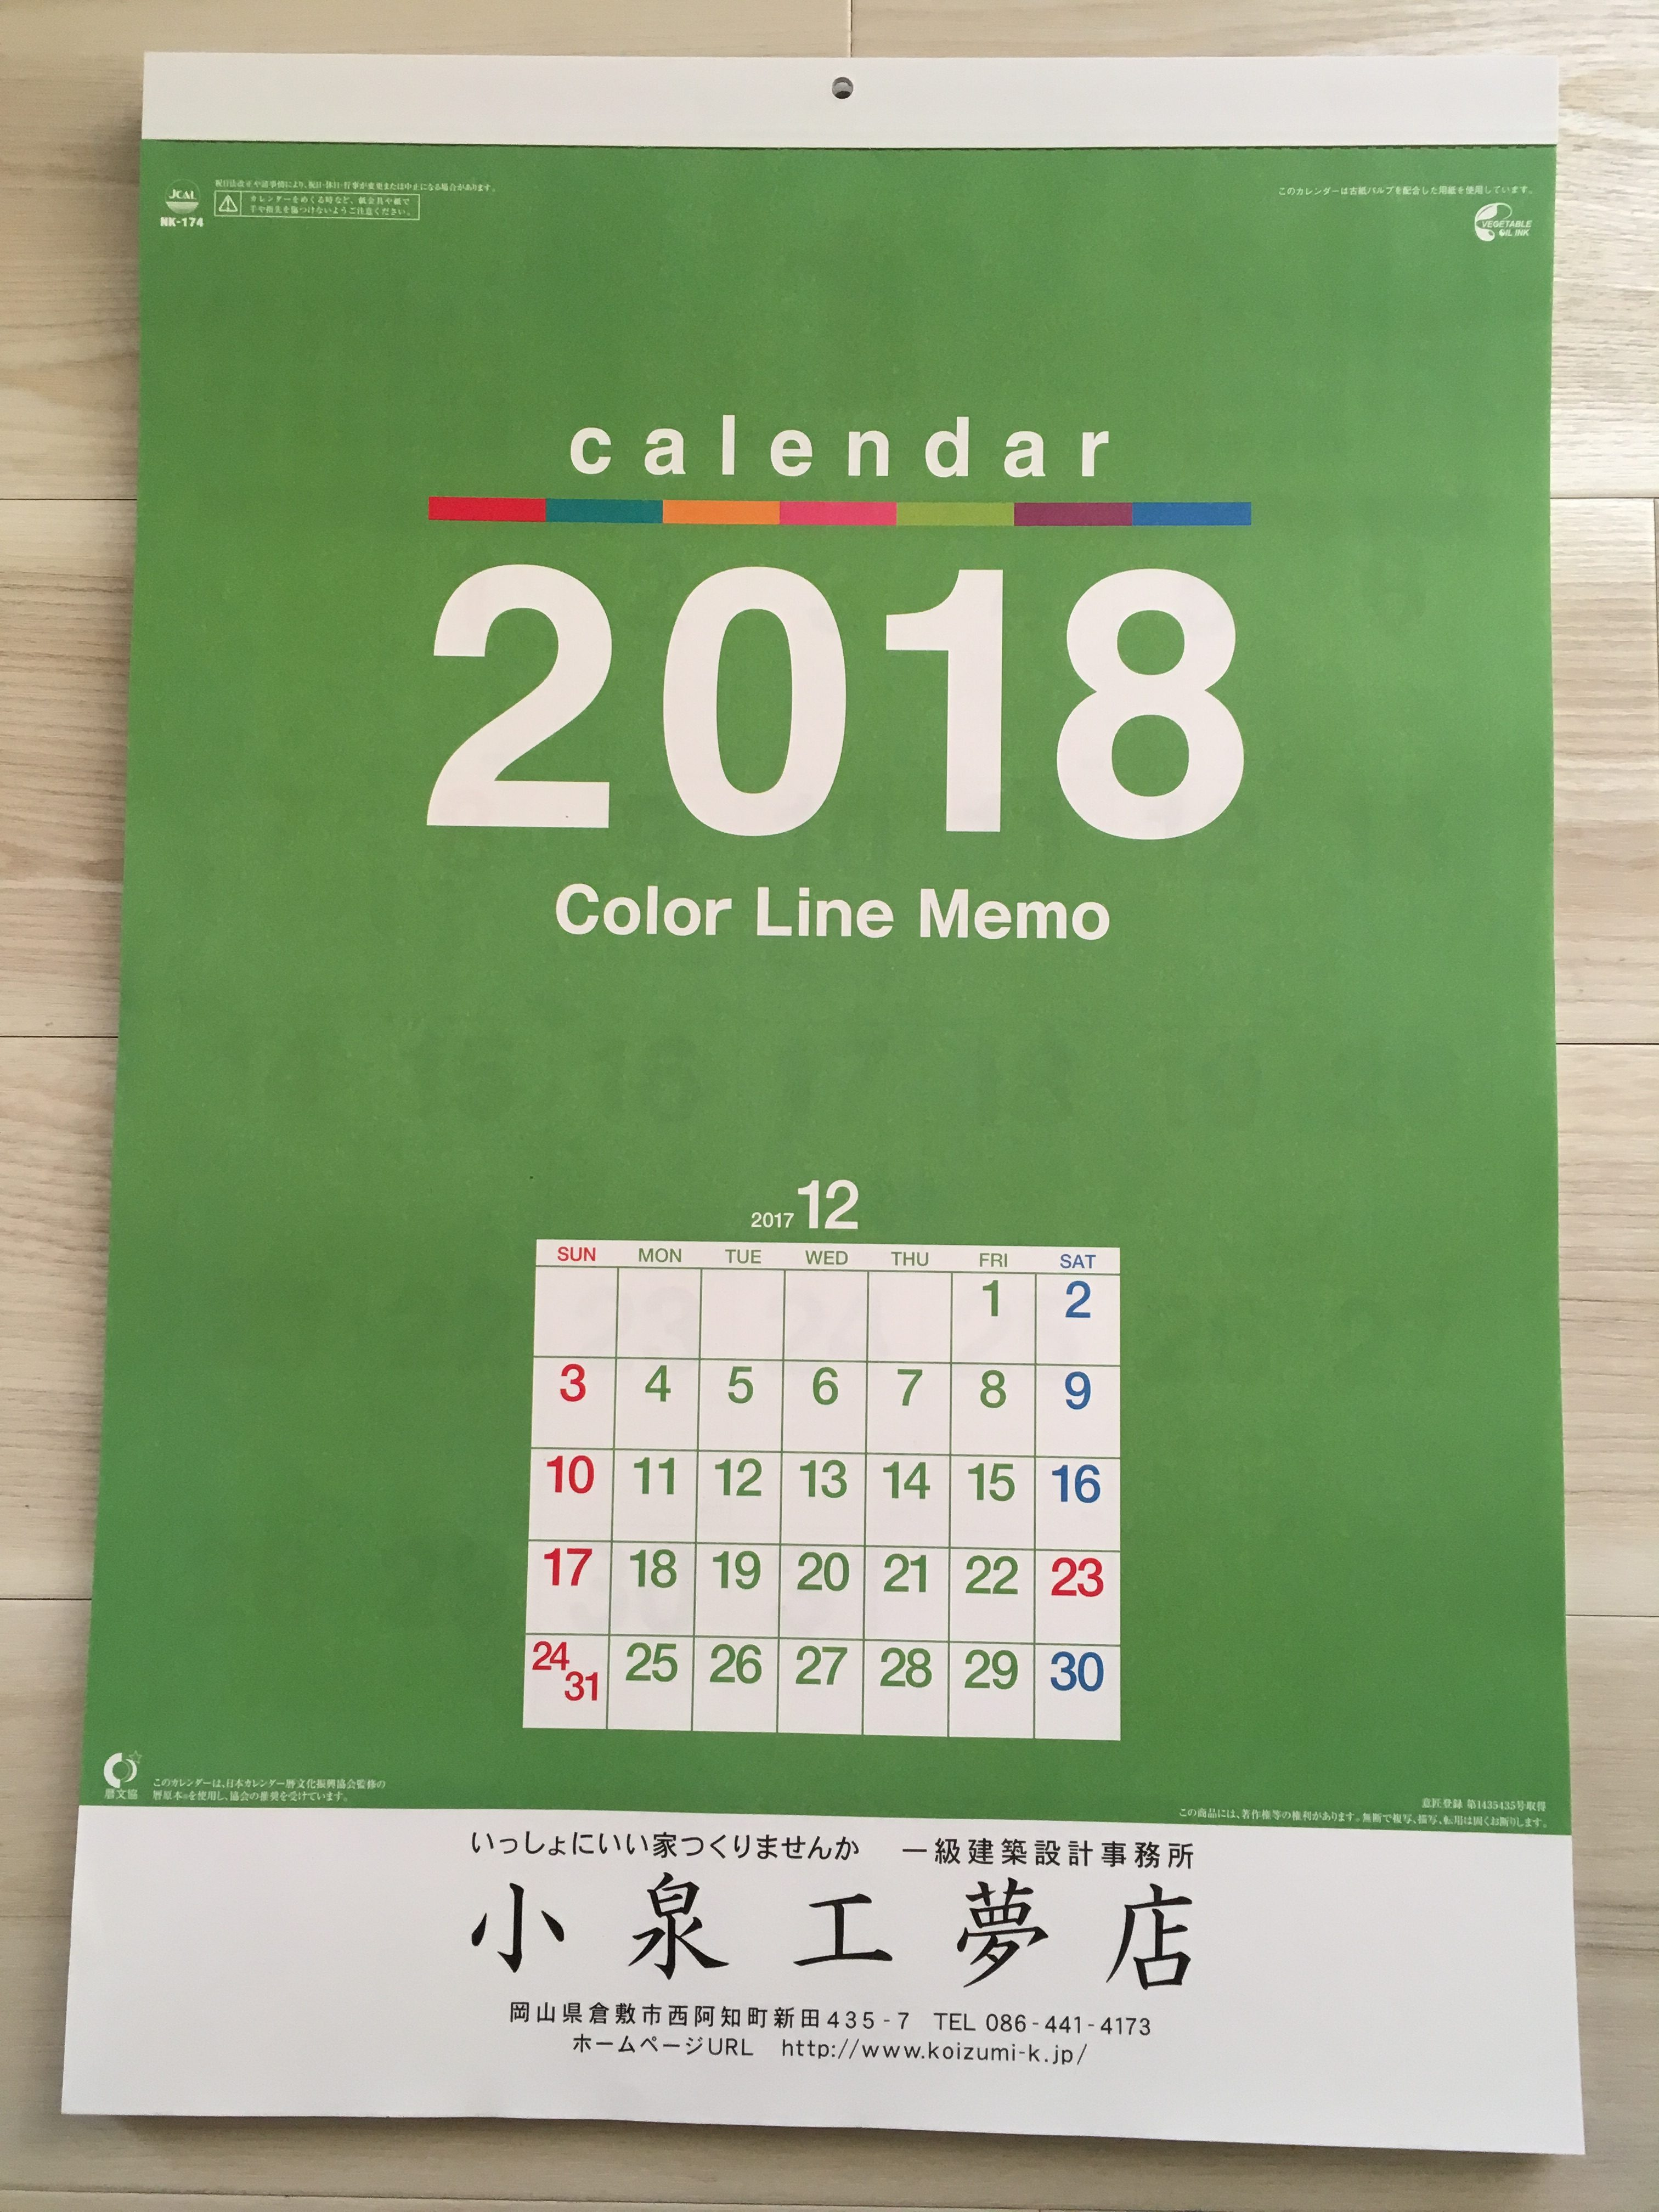 小泉工夢店カレンダー